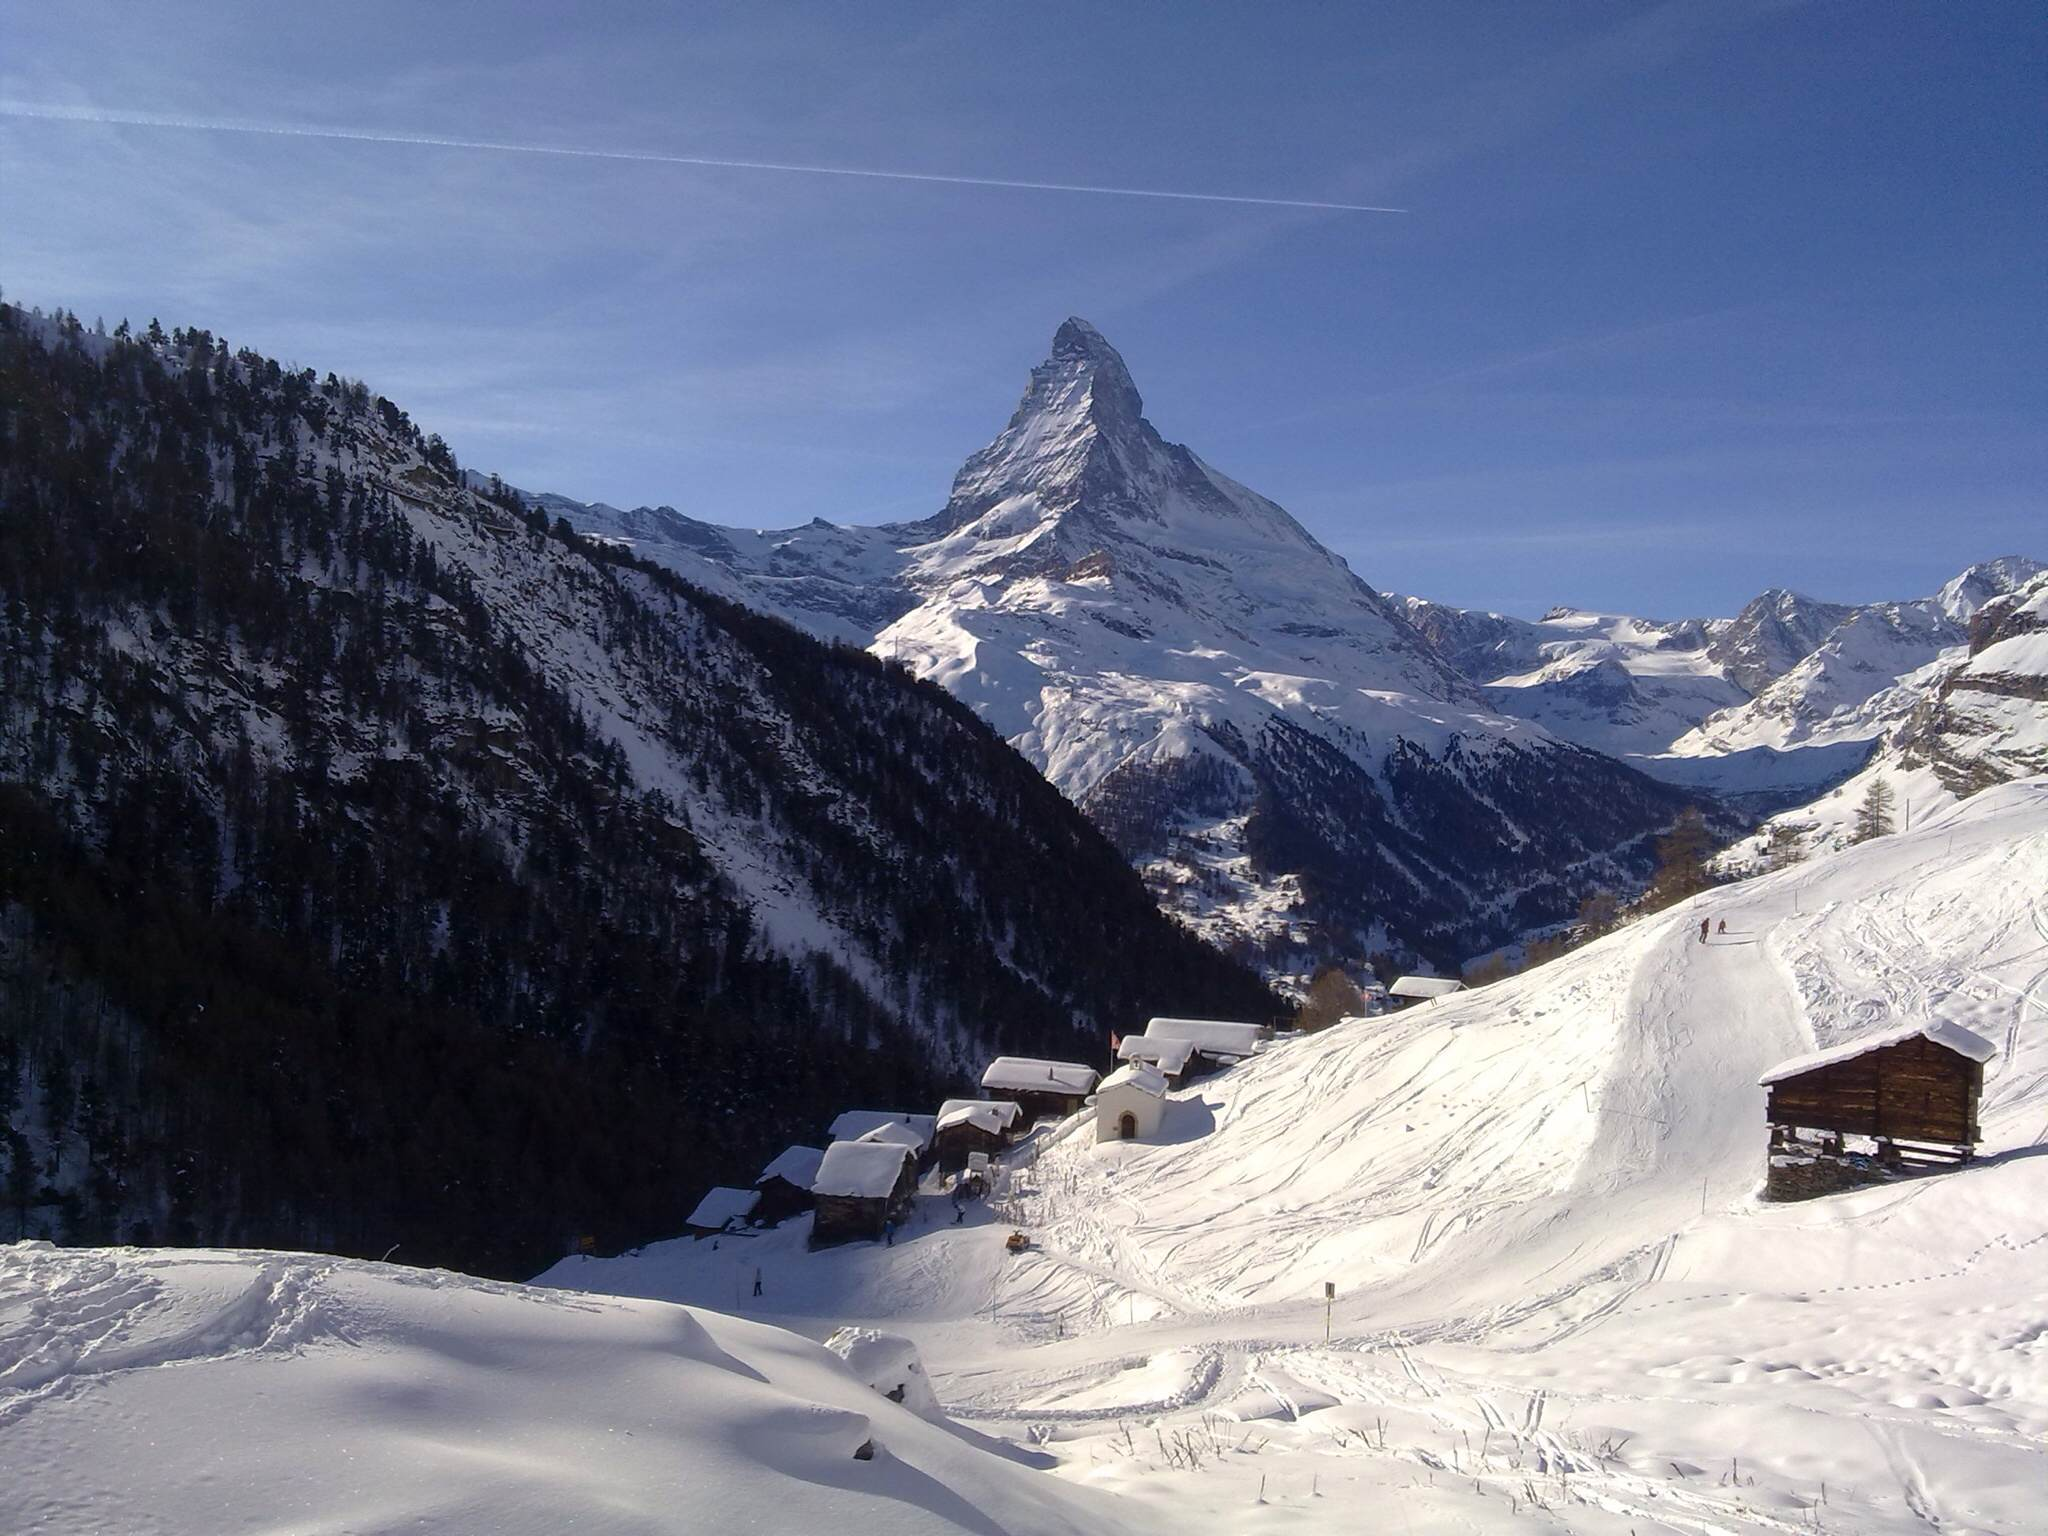 View from Findeln, Zermatt